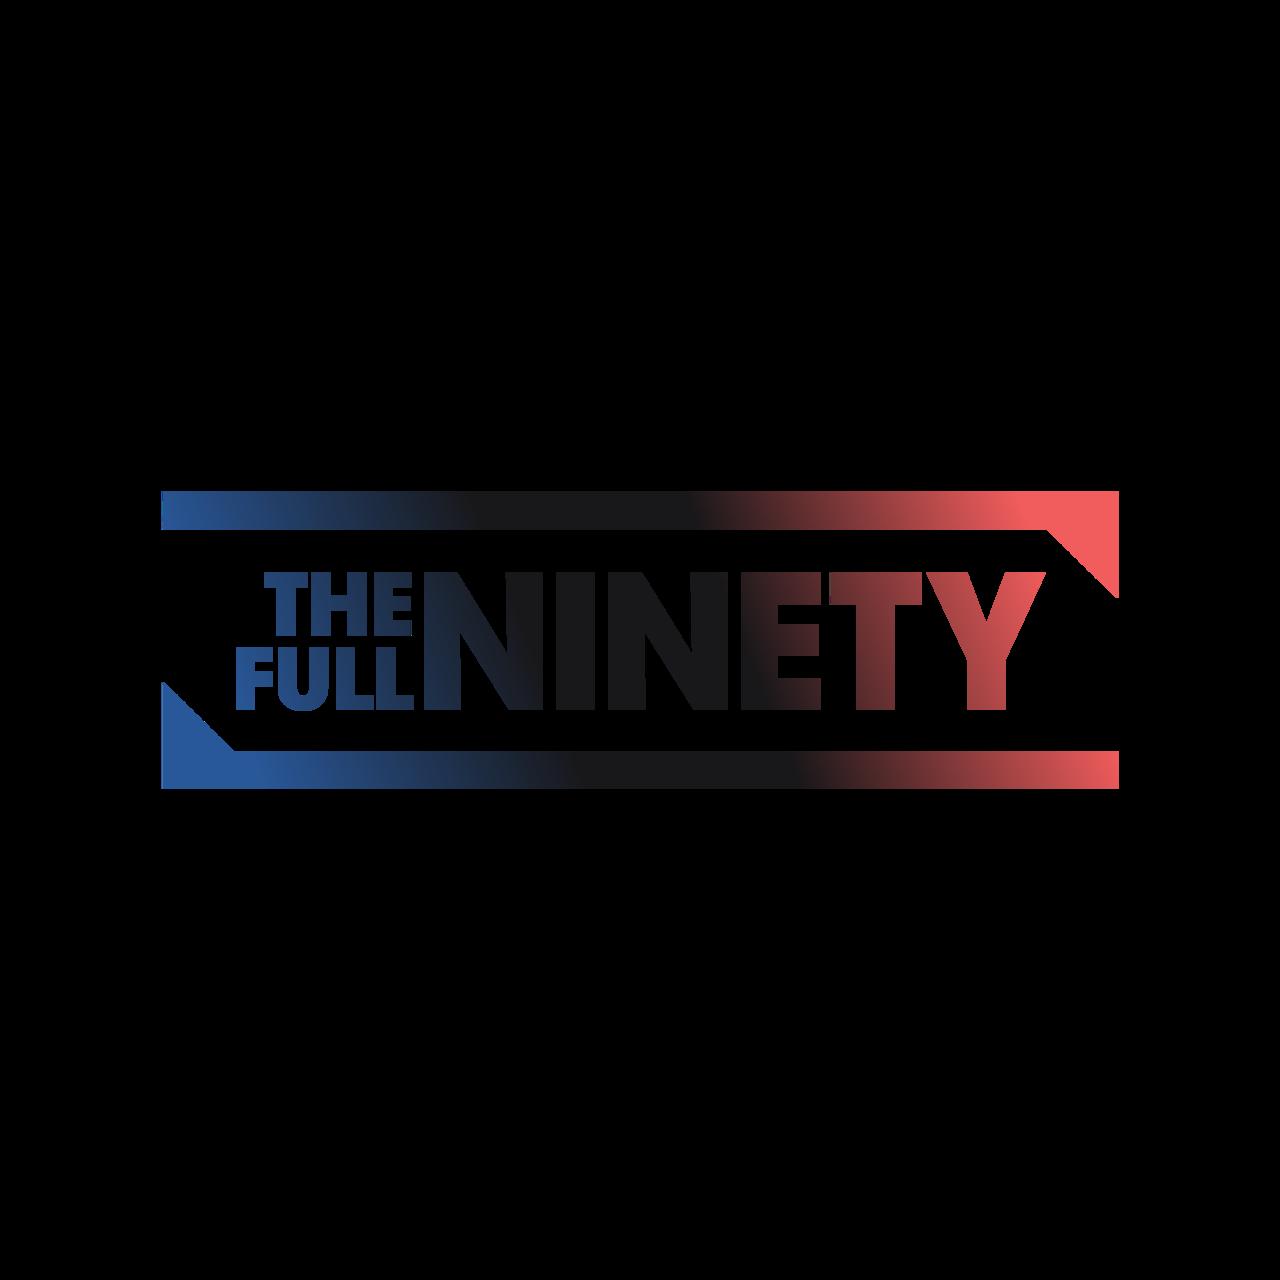 The Full Ninety Newsletter